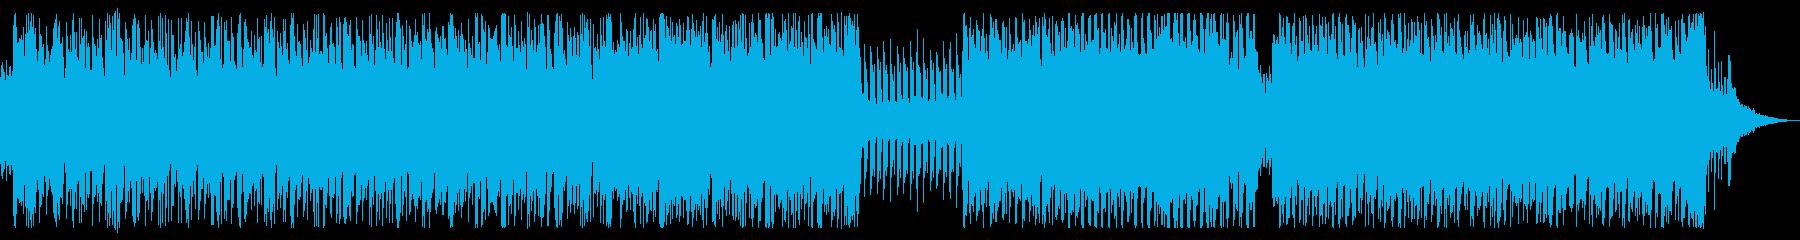 モダン和風EDM/ReMIX/中尺弐の再生済みの波形